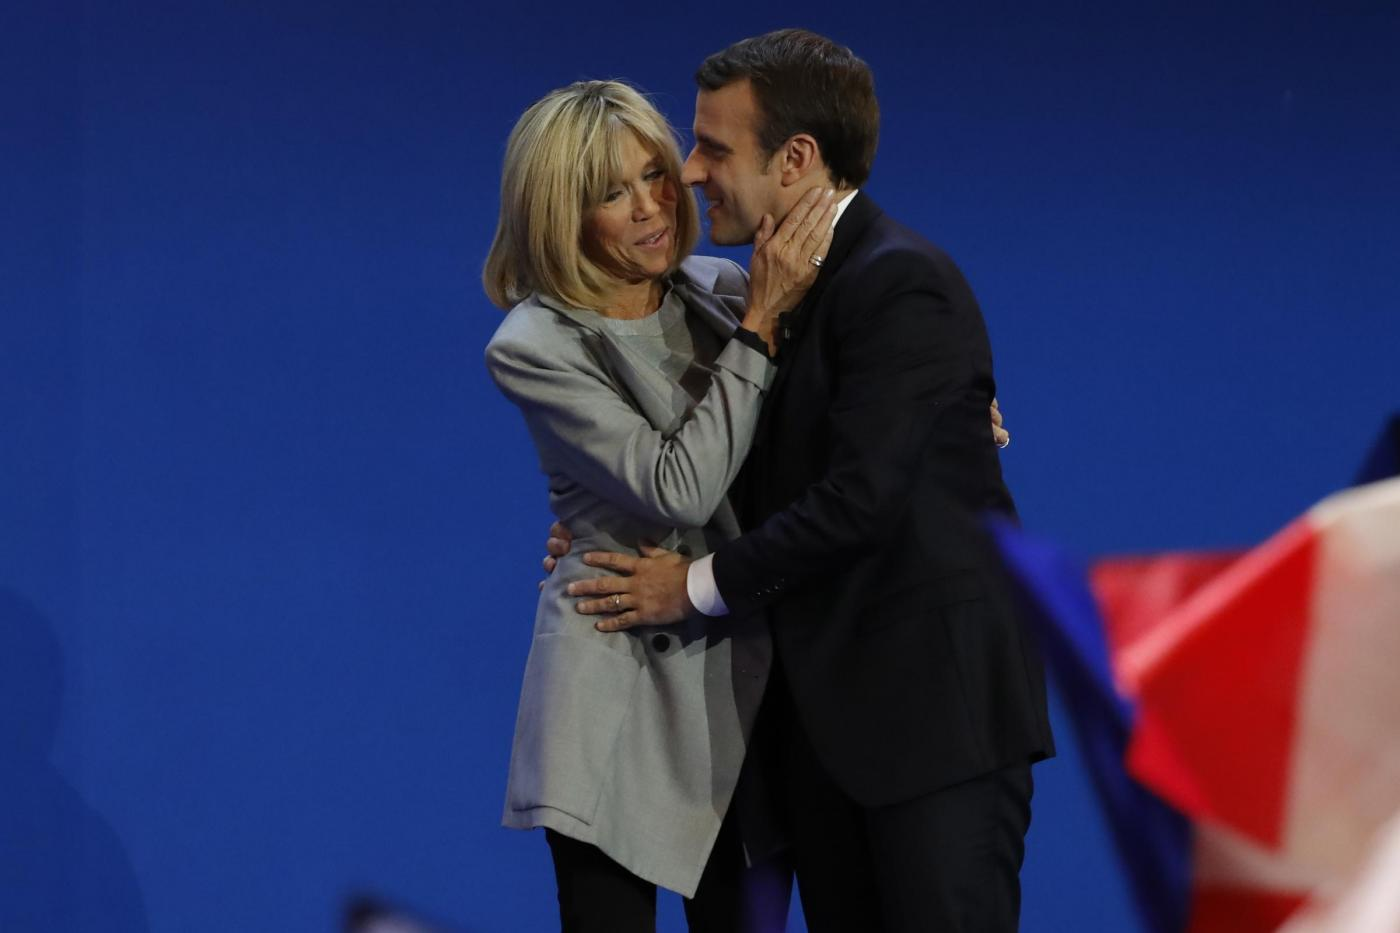 Chi è Brigitte Trogneux, moglie di Emmauel Macron, e perché la loro storia d'amore fa scalpore